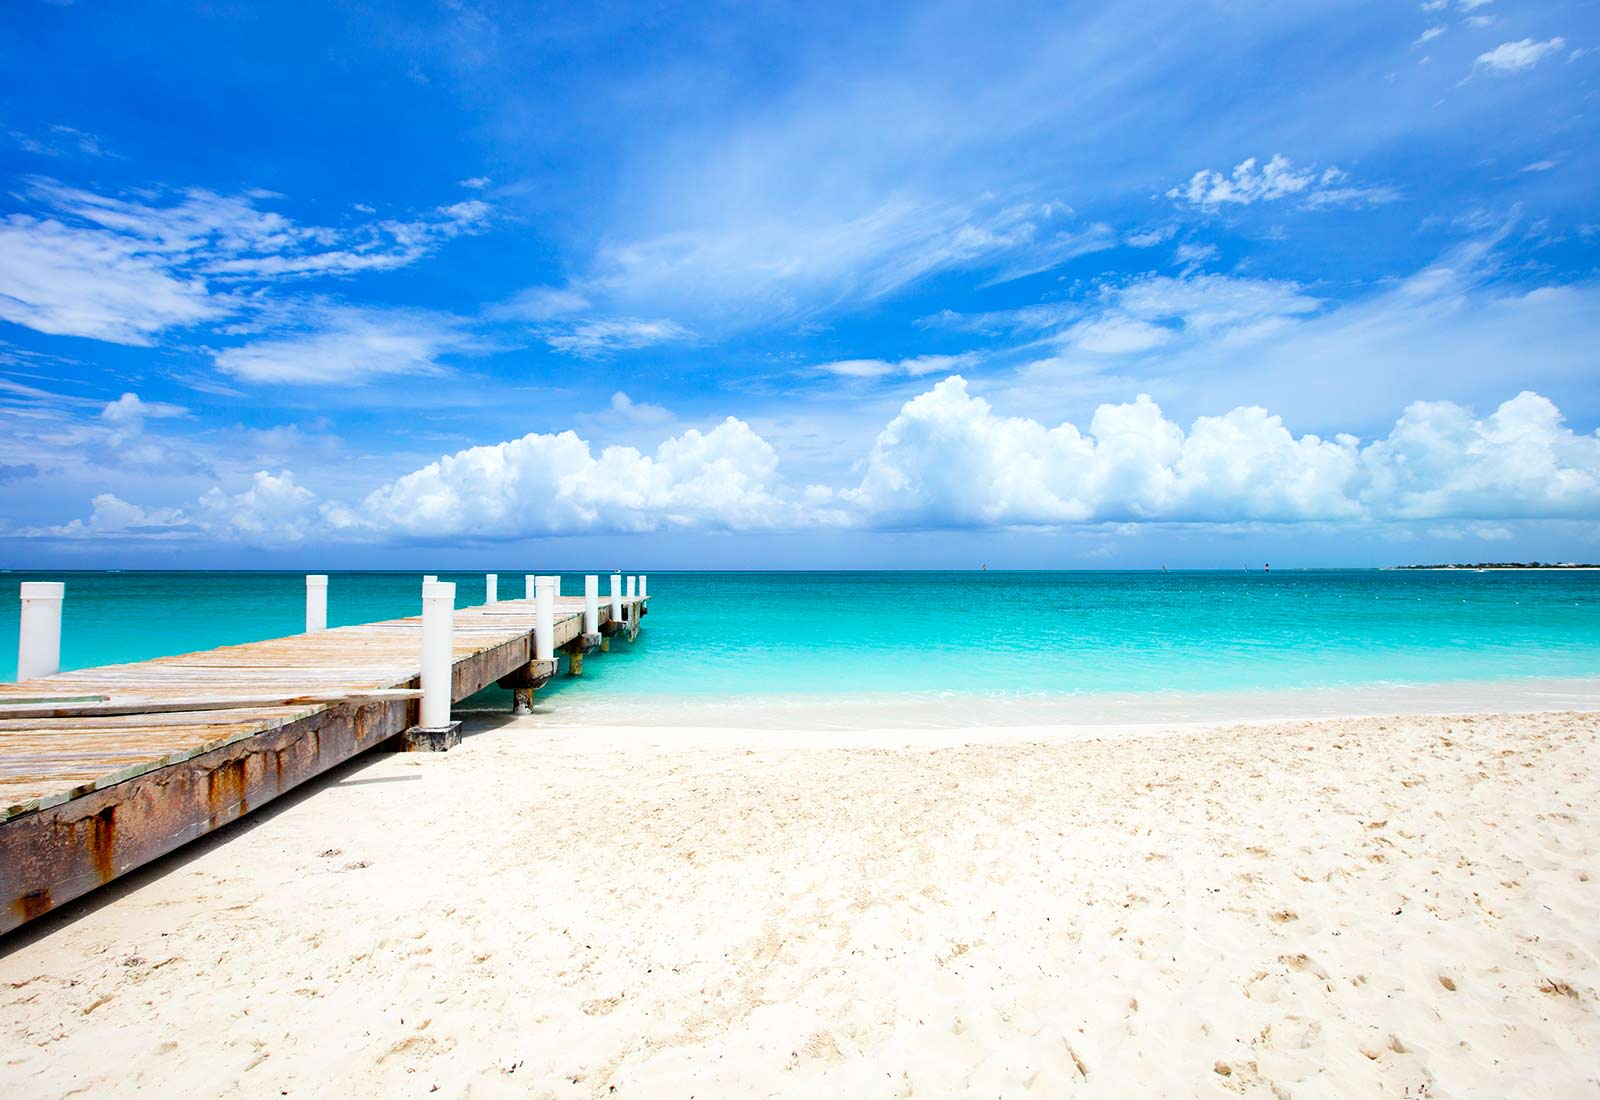 Fkk Urlaub Mit Weg De Nackt Geniessen In Fkk Hotels An Fkk Stranden